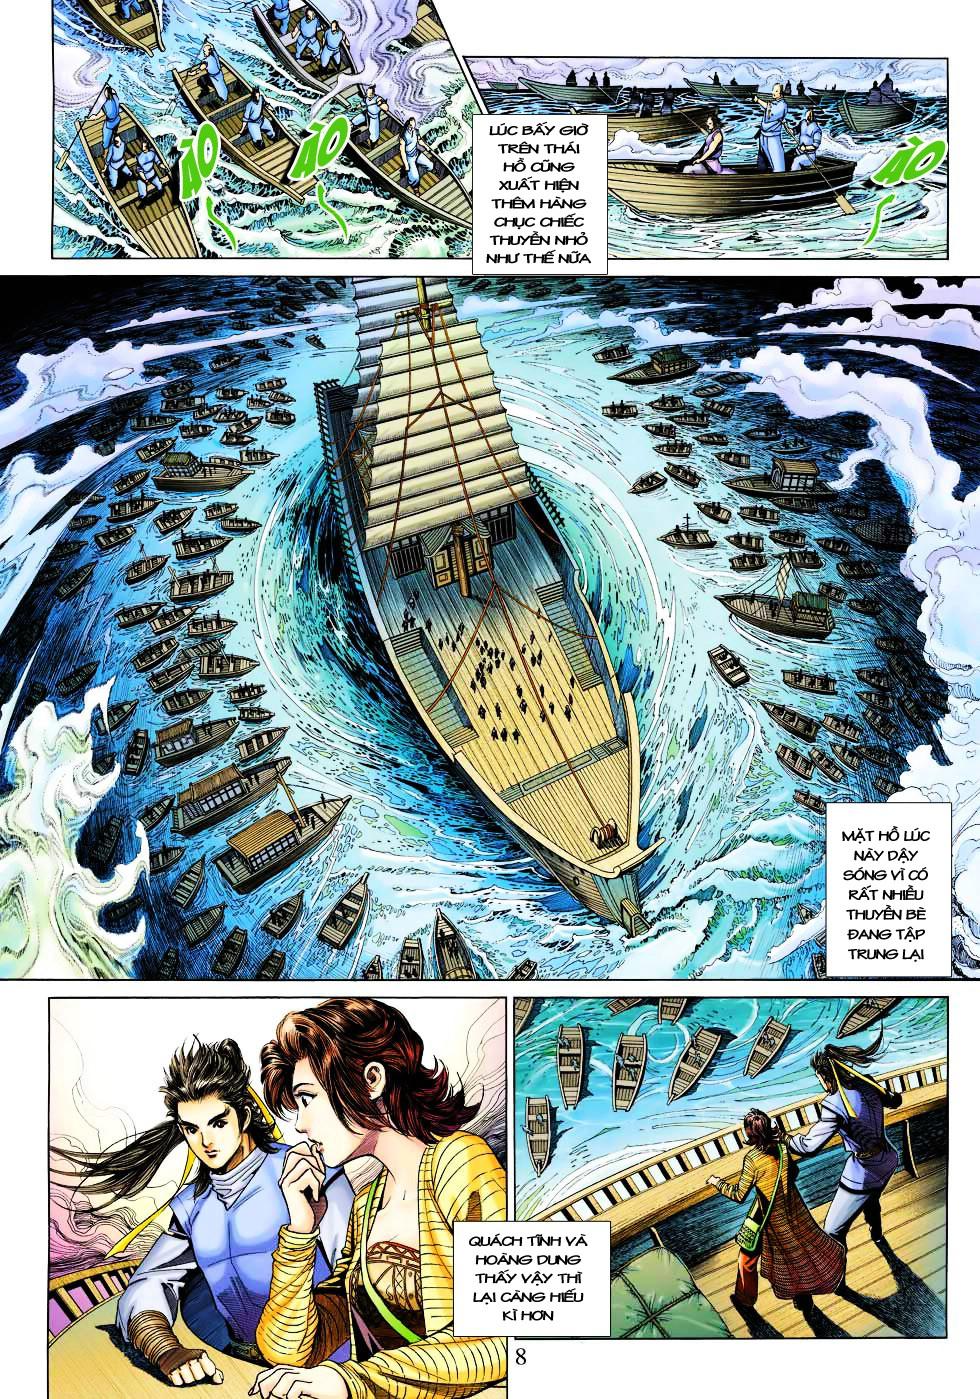 Anh Hùng Xạ Điêu anh hùng xạ đêu chap 27 trang 8